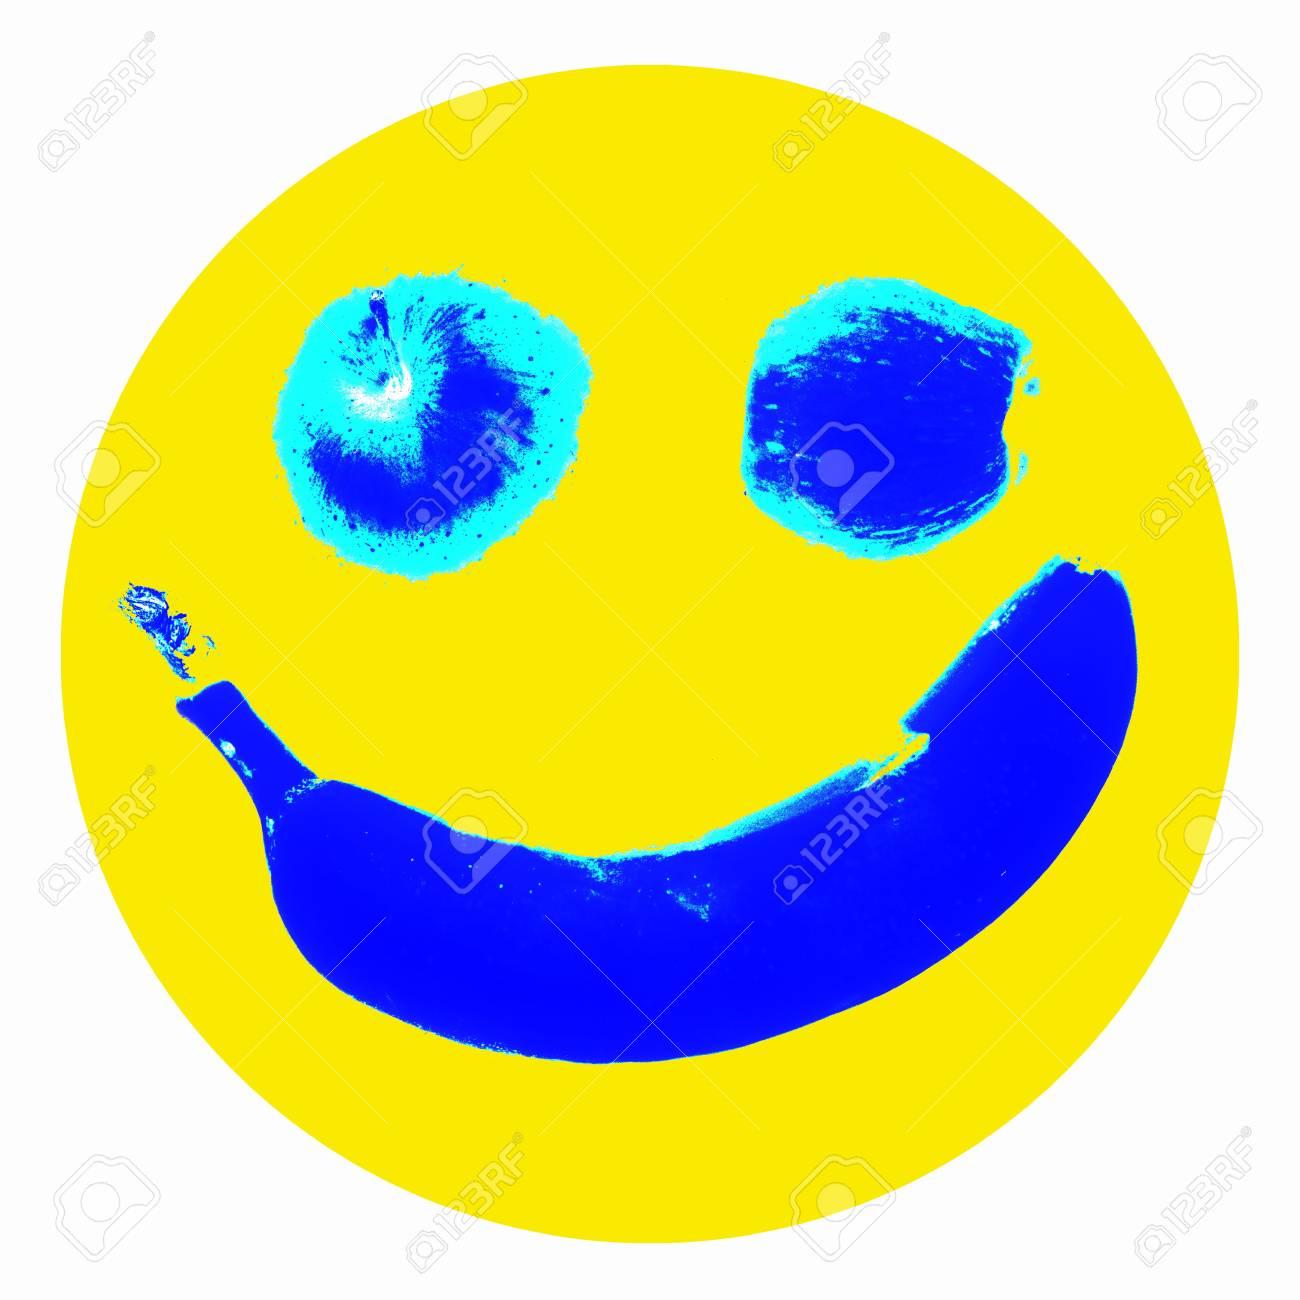 Smiley icon illustration, stylized fruit background for web design Stock Photo - 6186984